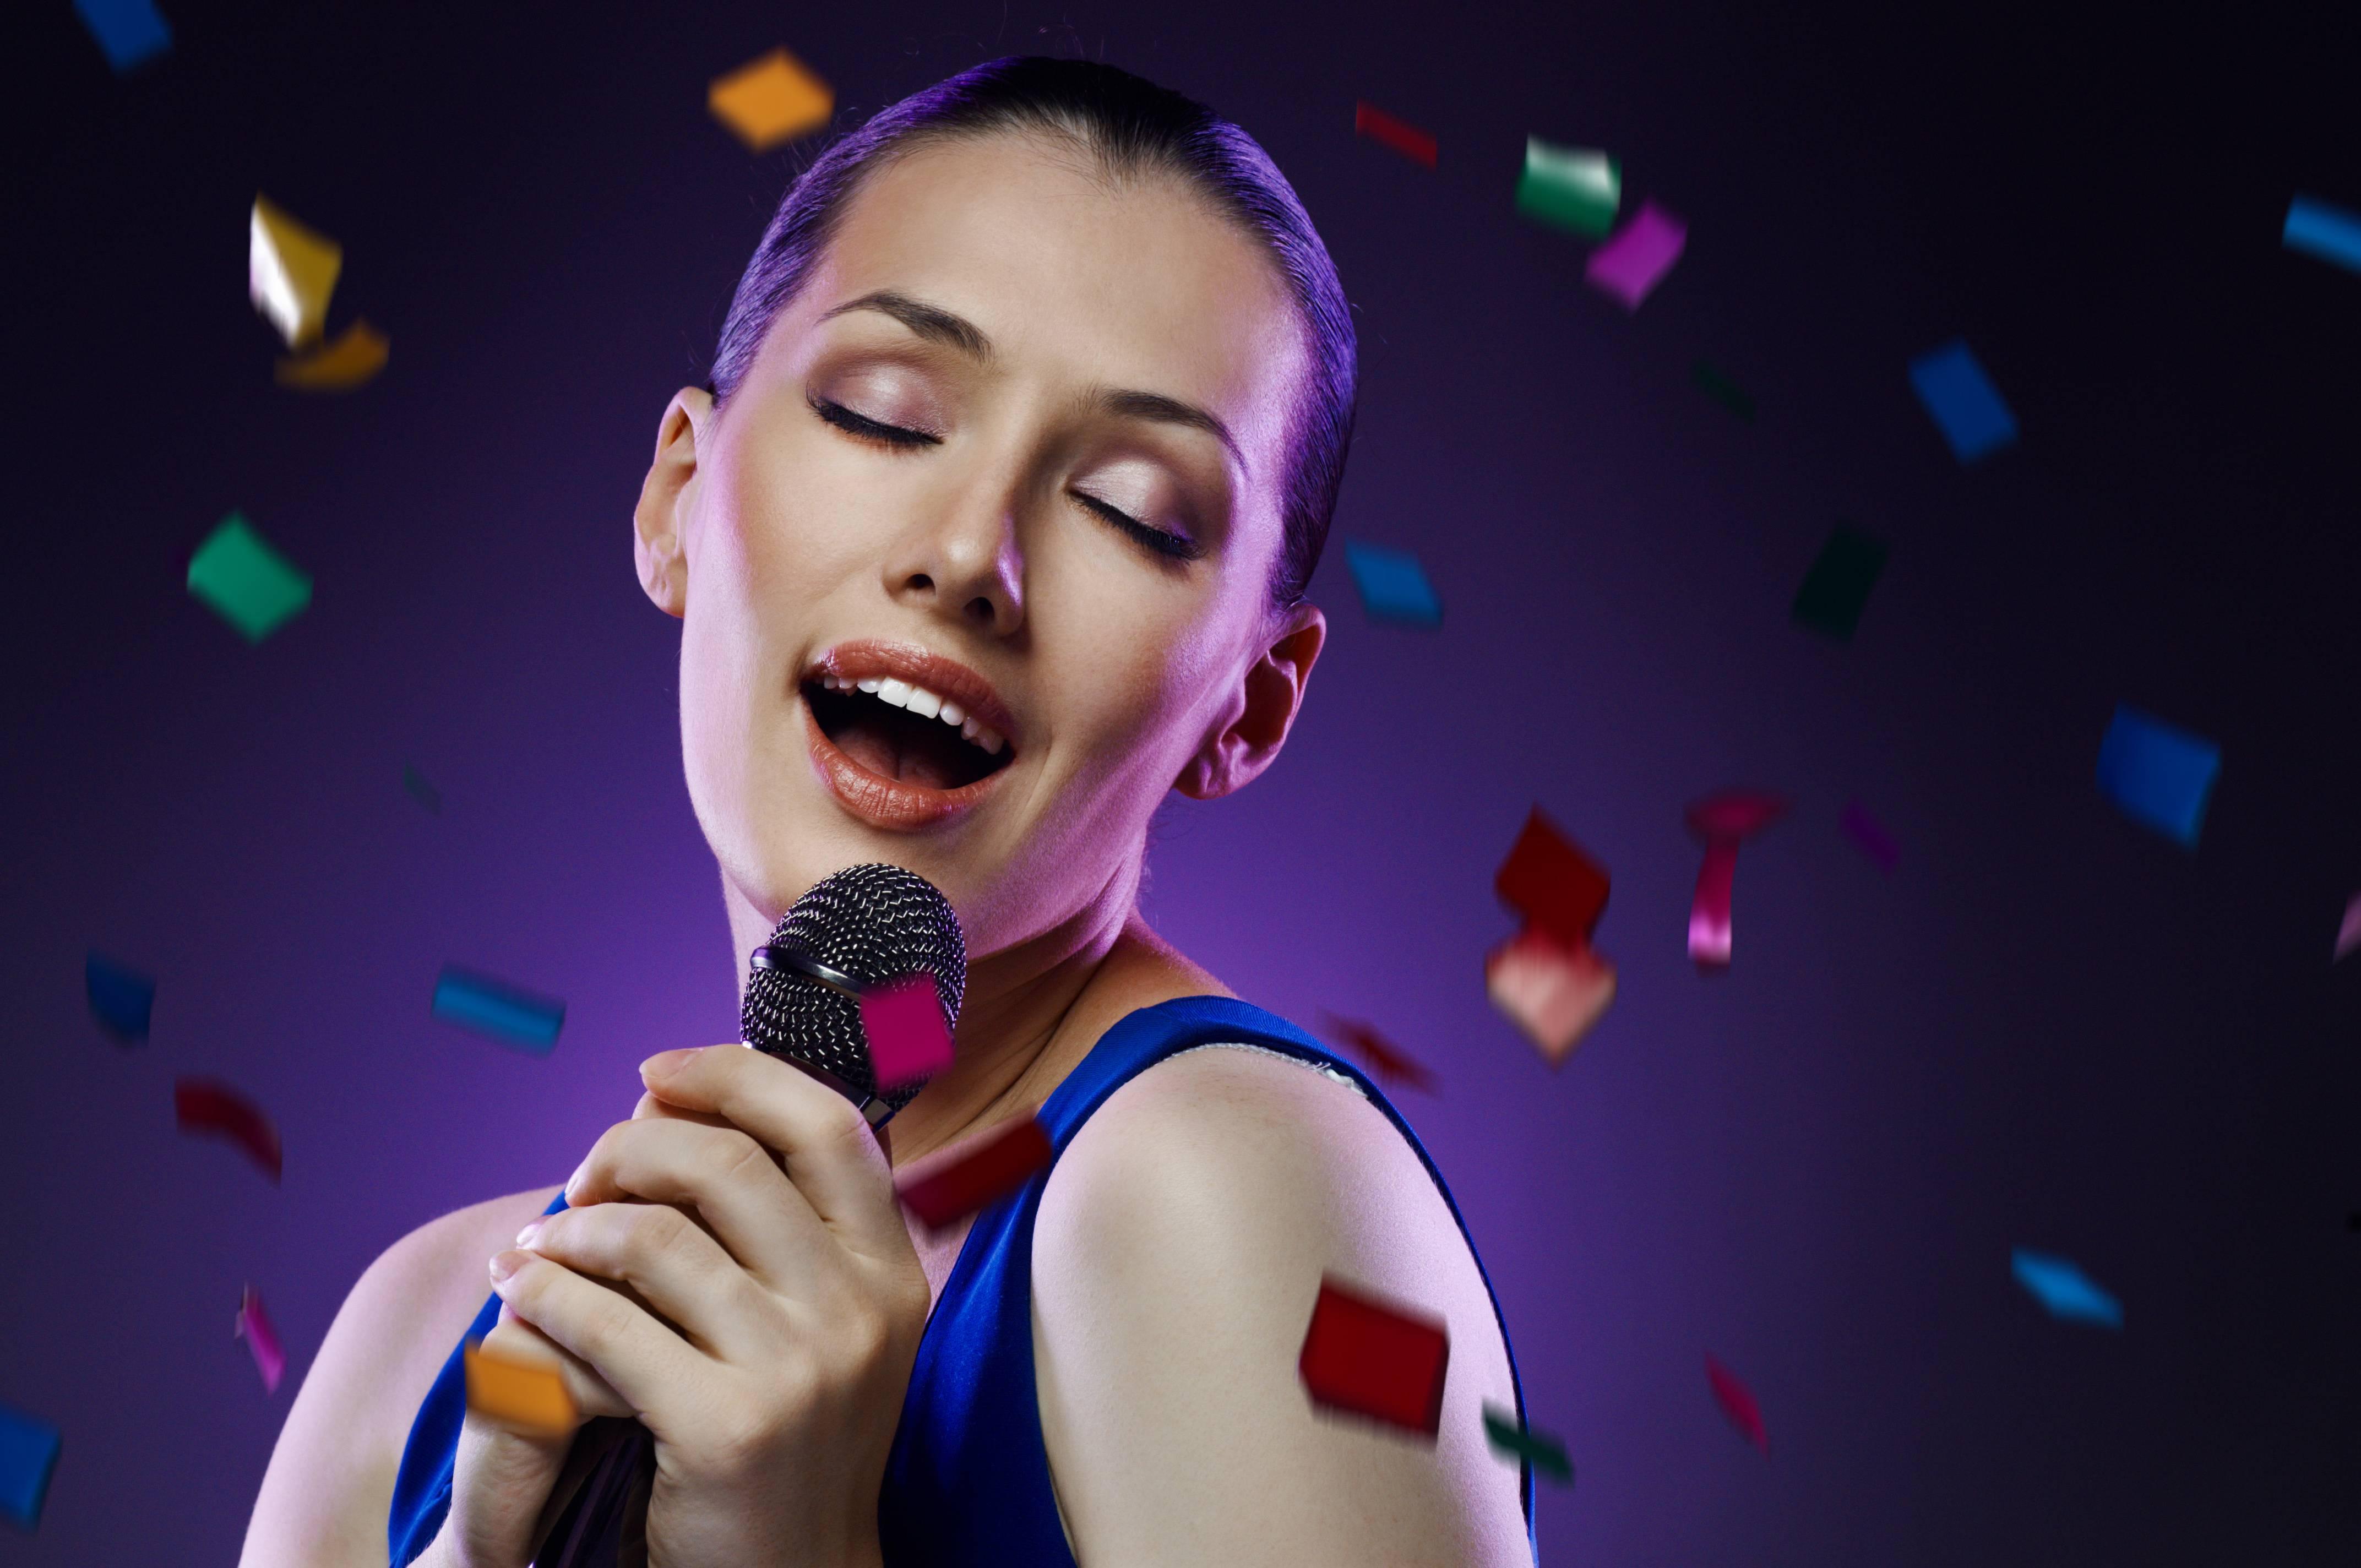 Как сделать петь красиво